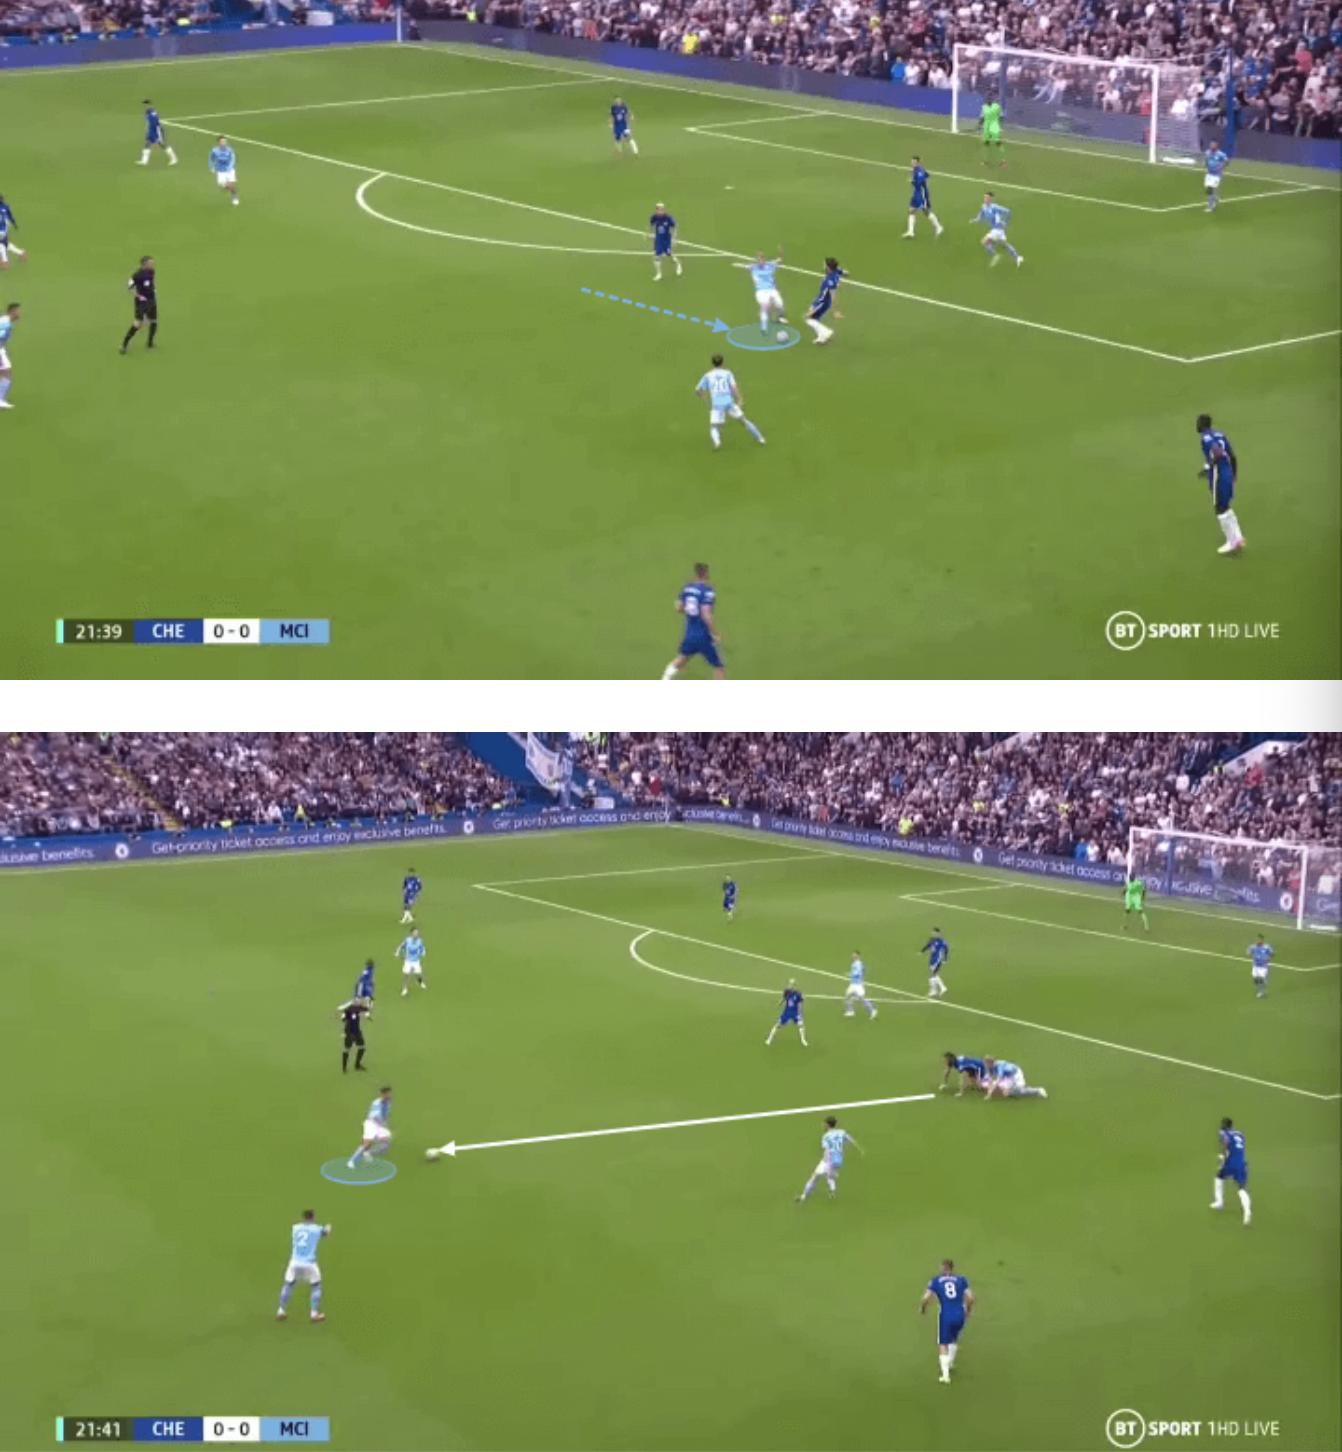 De Bruyne tăng tốc áp sát Jorginho, rồi sau đó là Alonso, giúp Rodri thu hồi được trái bóng